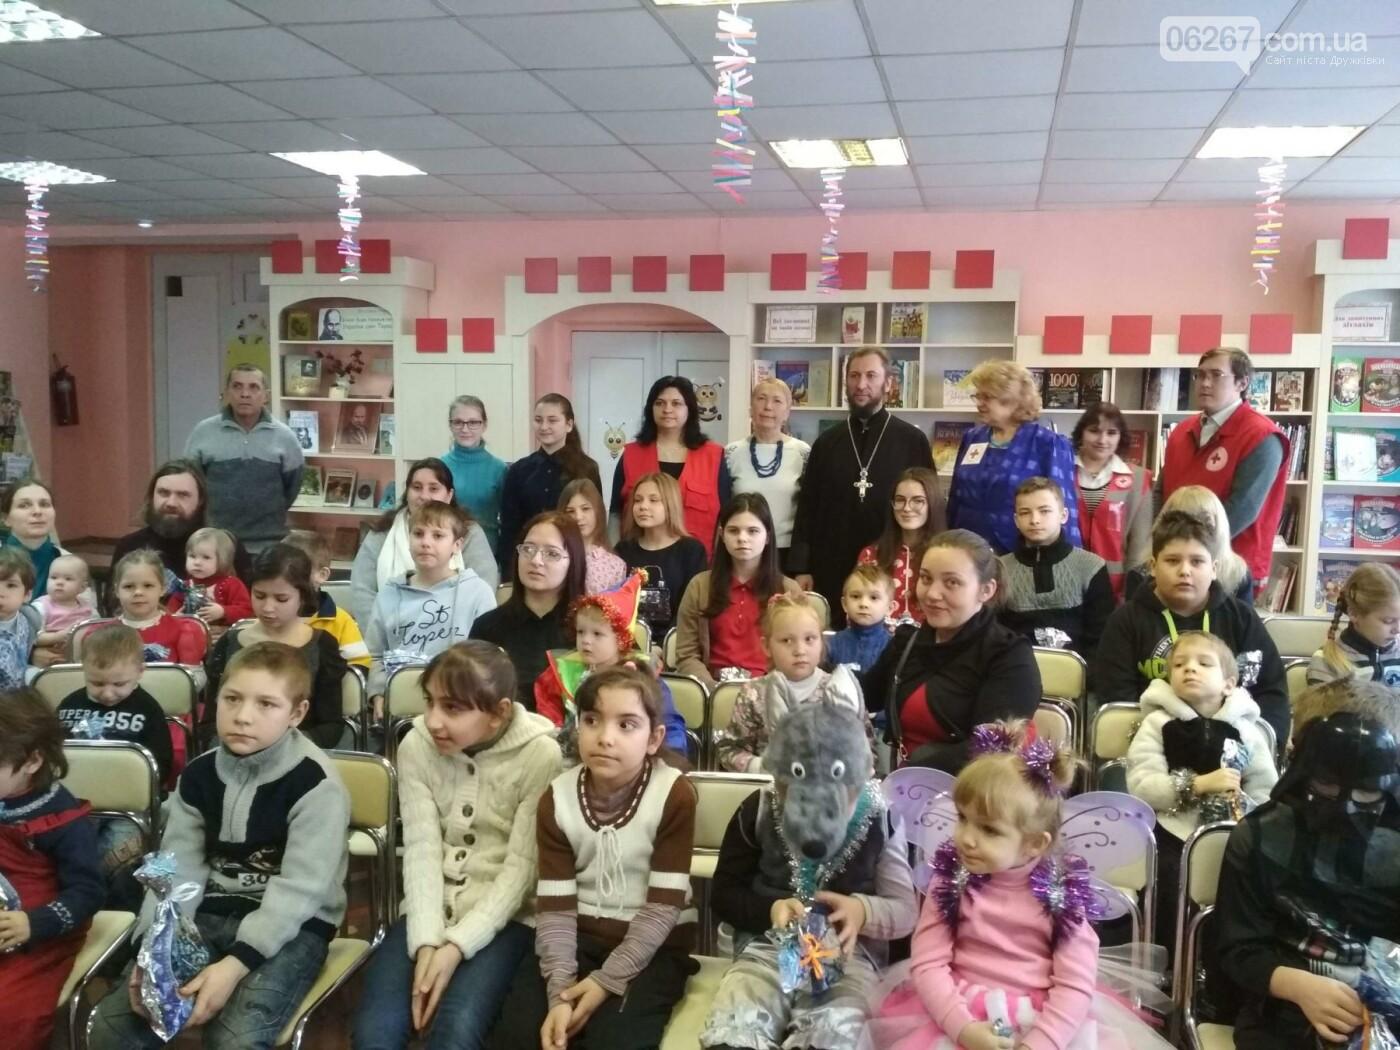 Накануне празднования Старого Нового года Красный Крест провел в Дружковке утренники для детей, фото-1